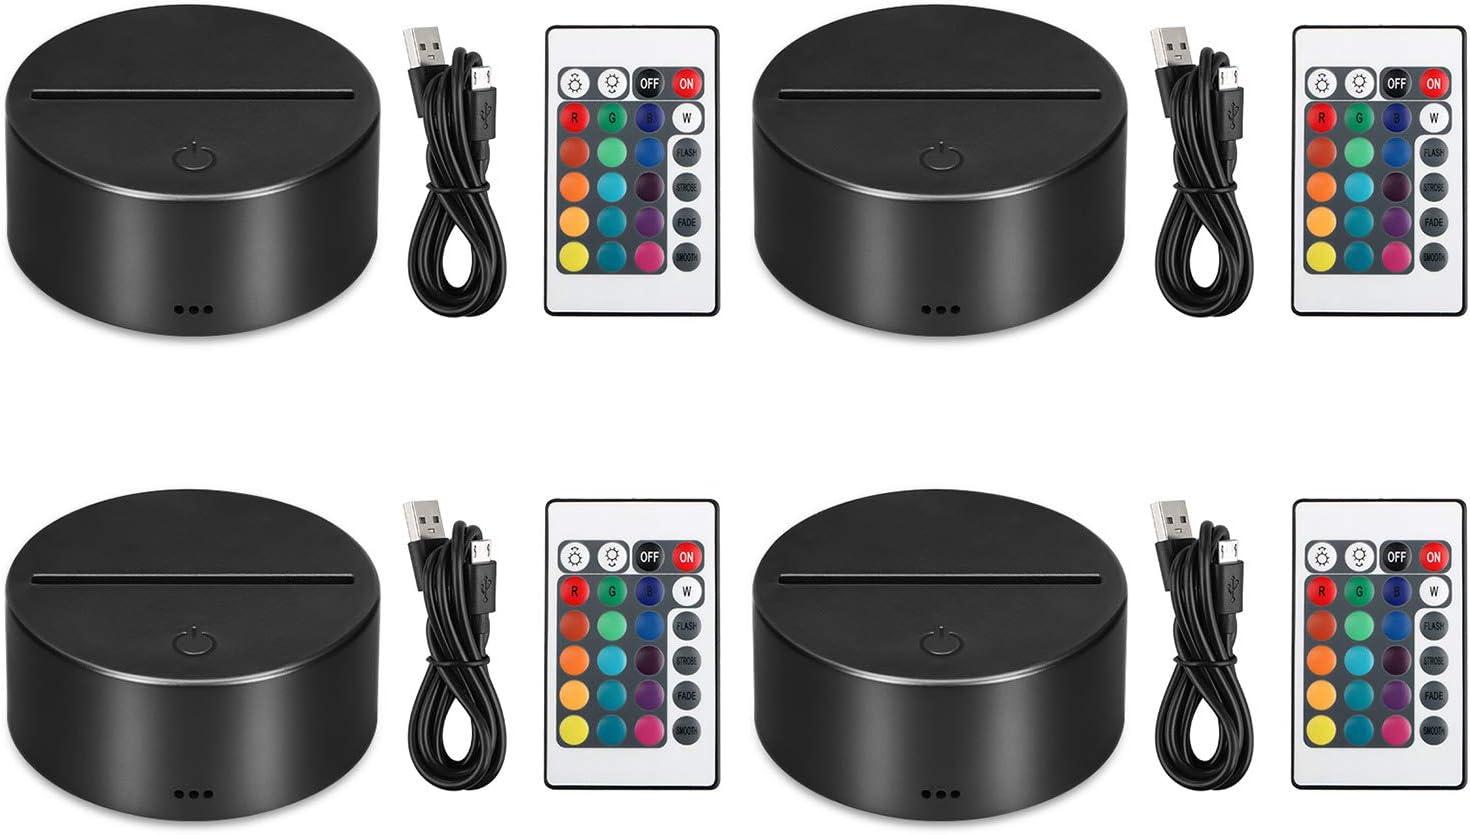 EEEkit 4 Pack 3D Night LED Light Lamp Base Control remoto Cable USB Ajustable 7 colores Decoración Luces para dormitorio Habitación infantil Sala de estar Bar Tienda Cafetería Restaurante Oficina